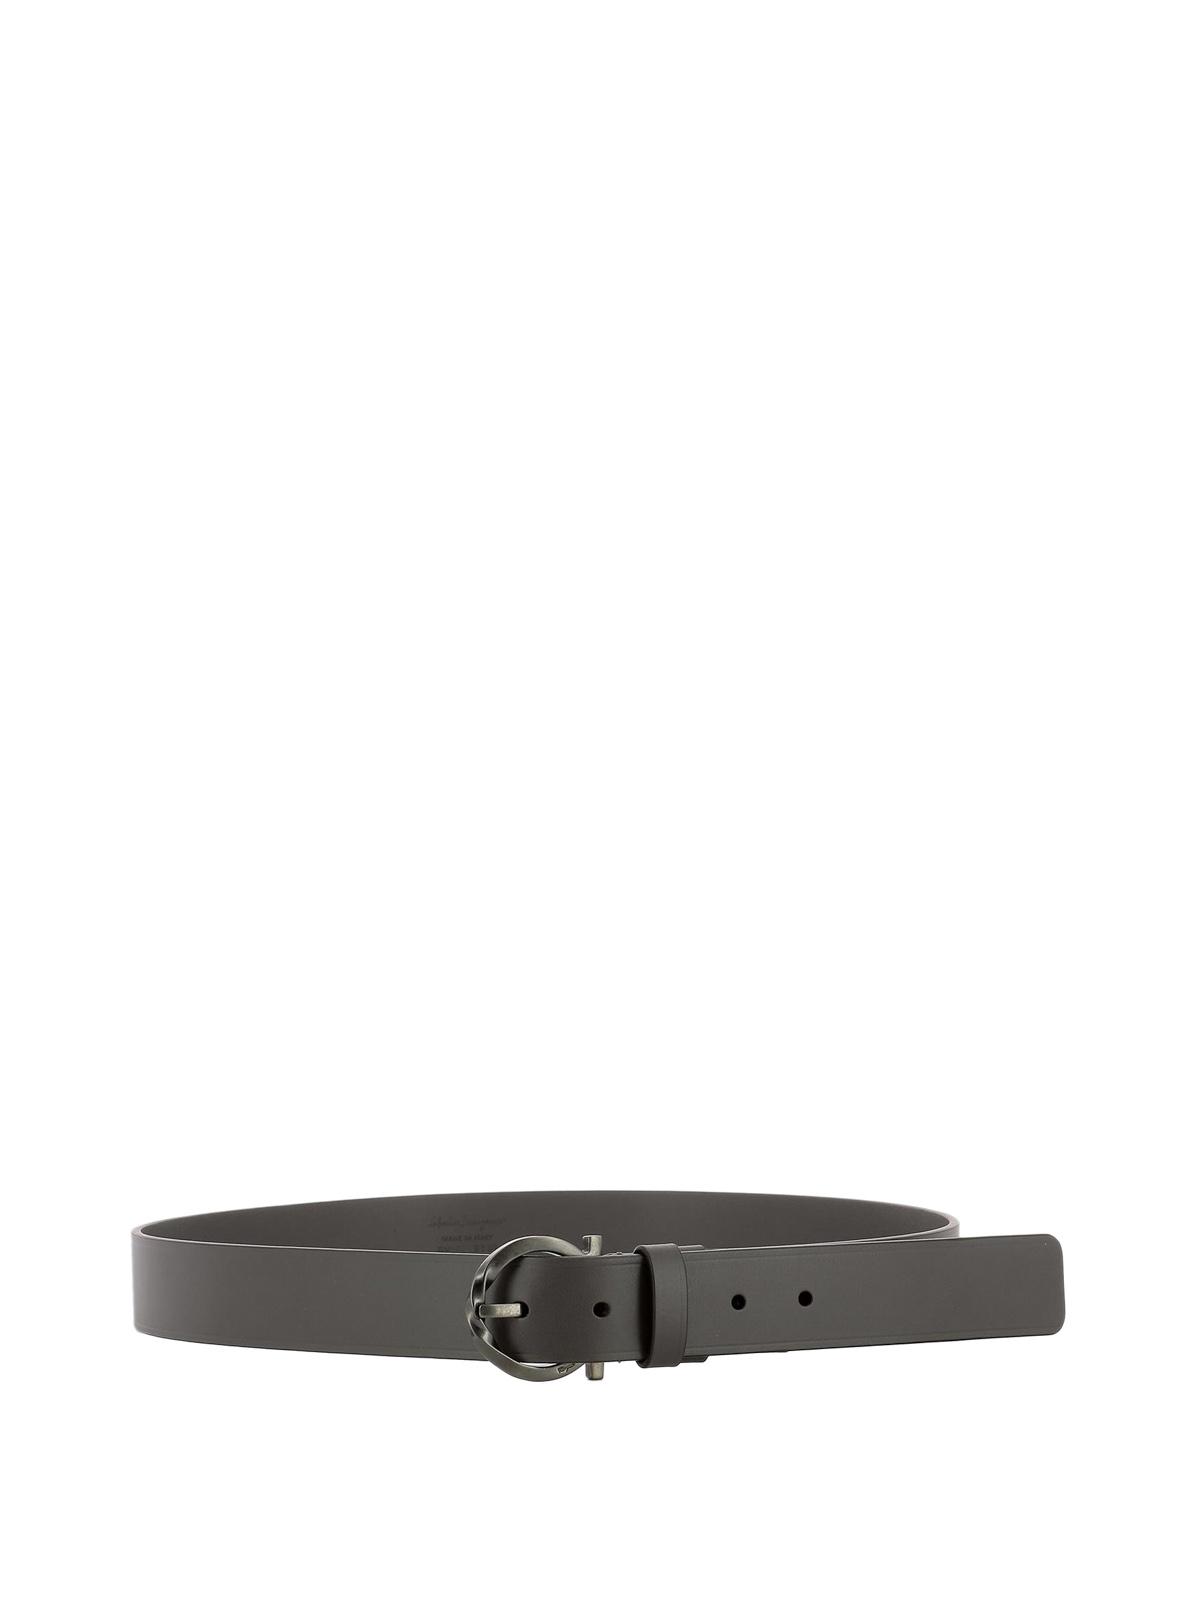 69a20fffc55 ... aliexpress salvatore ferragamo belts signature buckle grey leather belt  81e1c 7207c